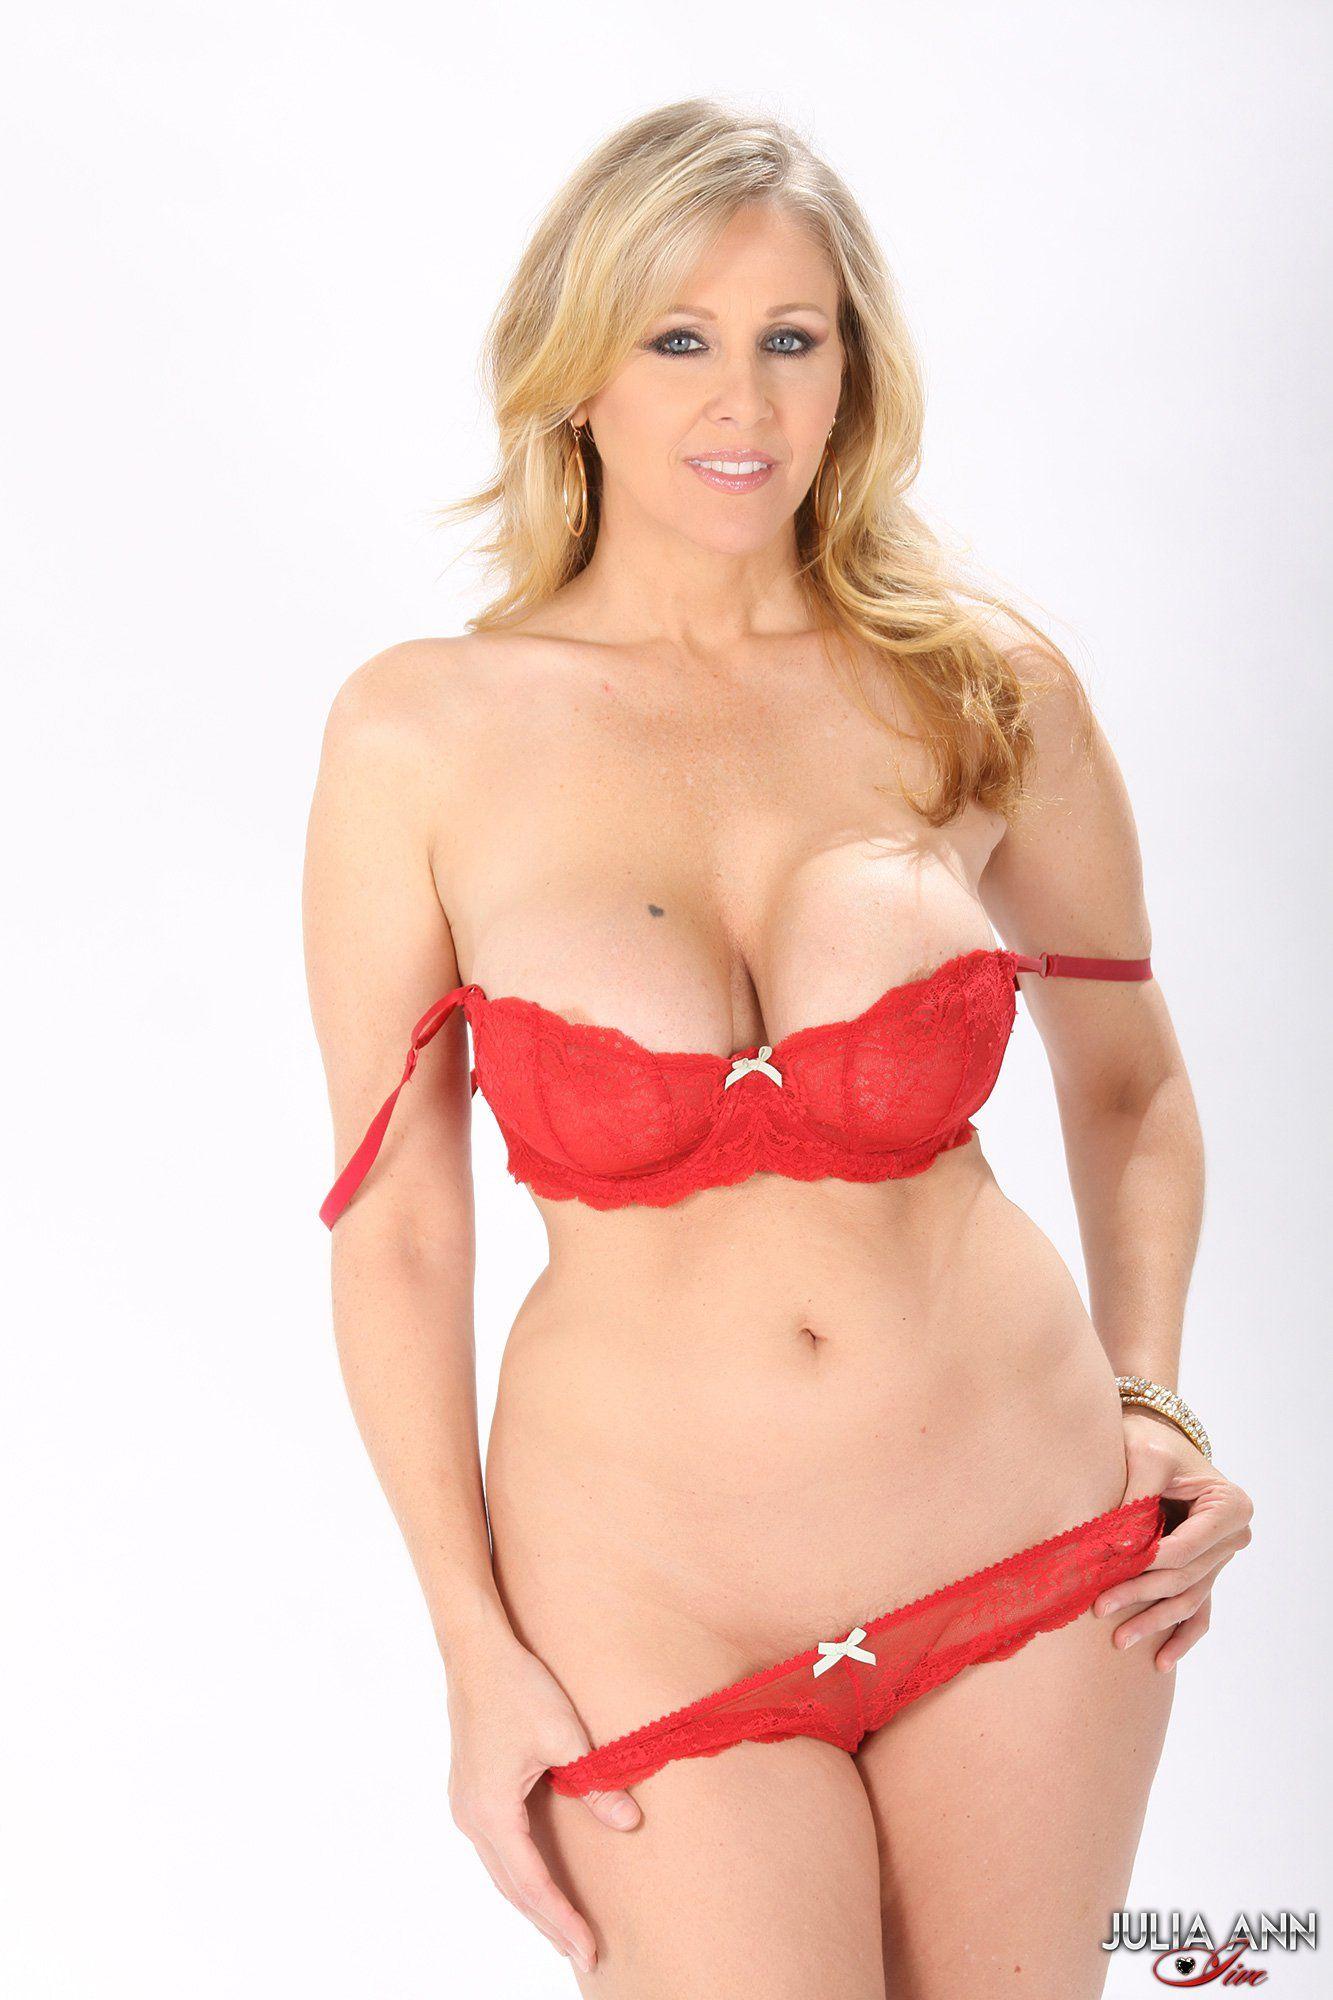 daniel raccliffe fake nude